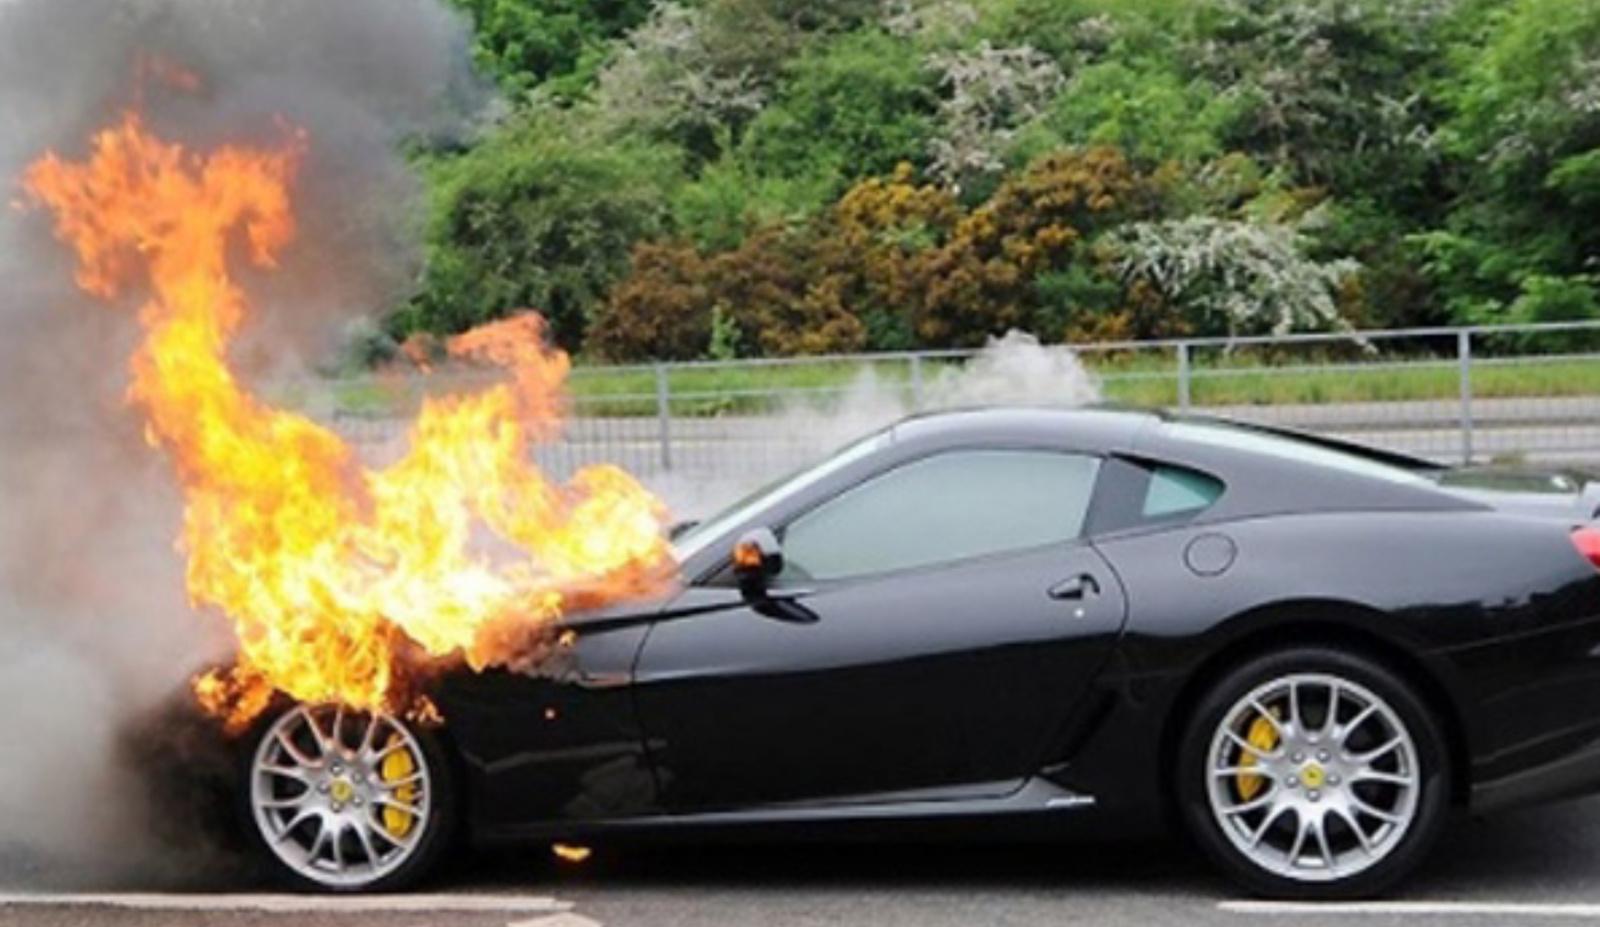 Priekulėje degė automobilis